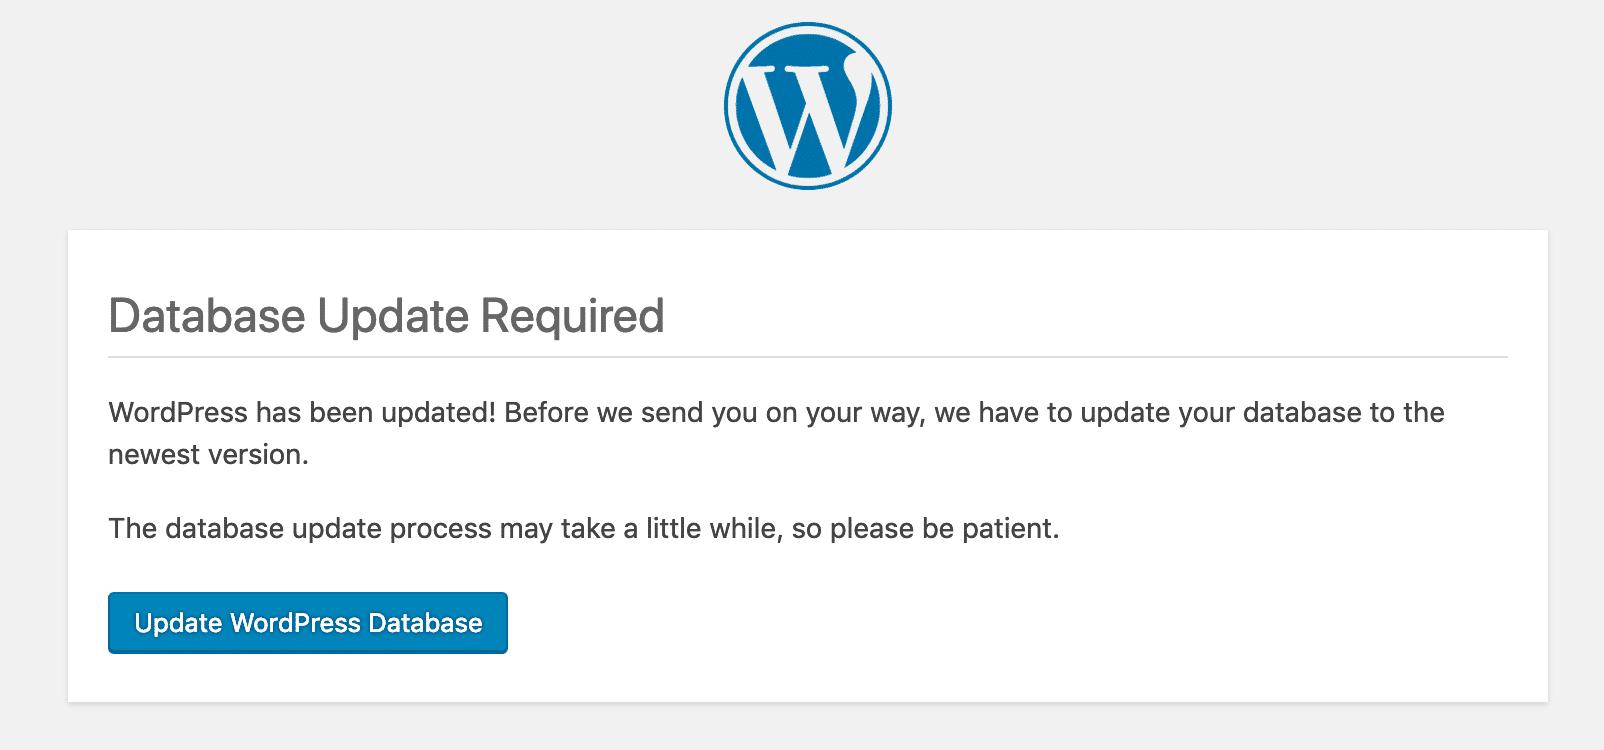 Datenbank update nötig